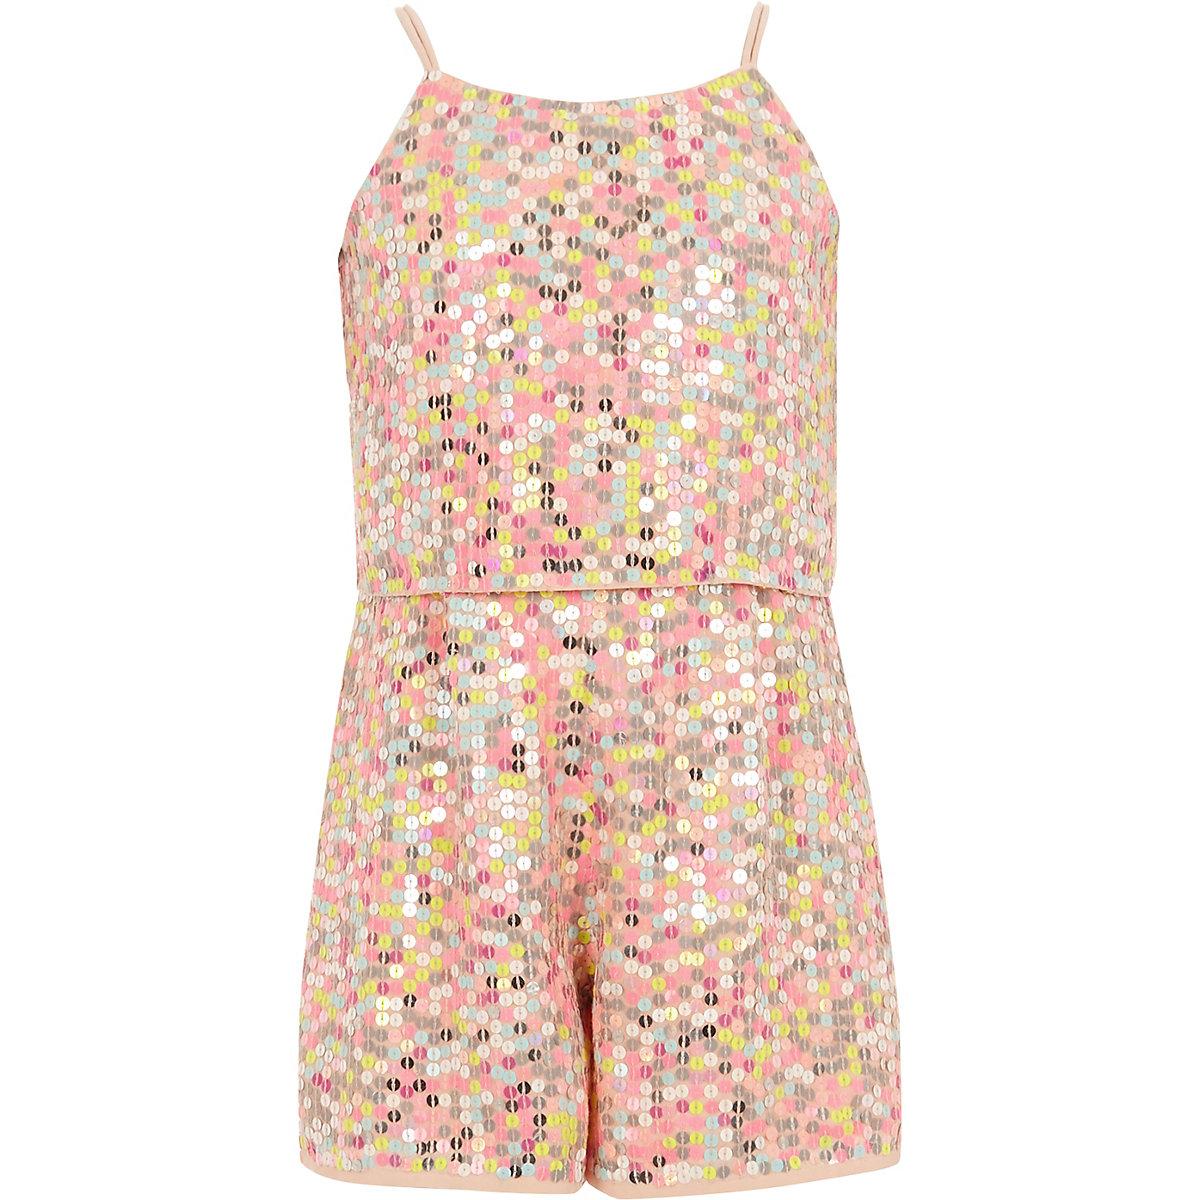 Girls pink sequin embellished playsuit